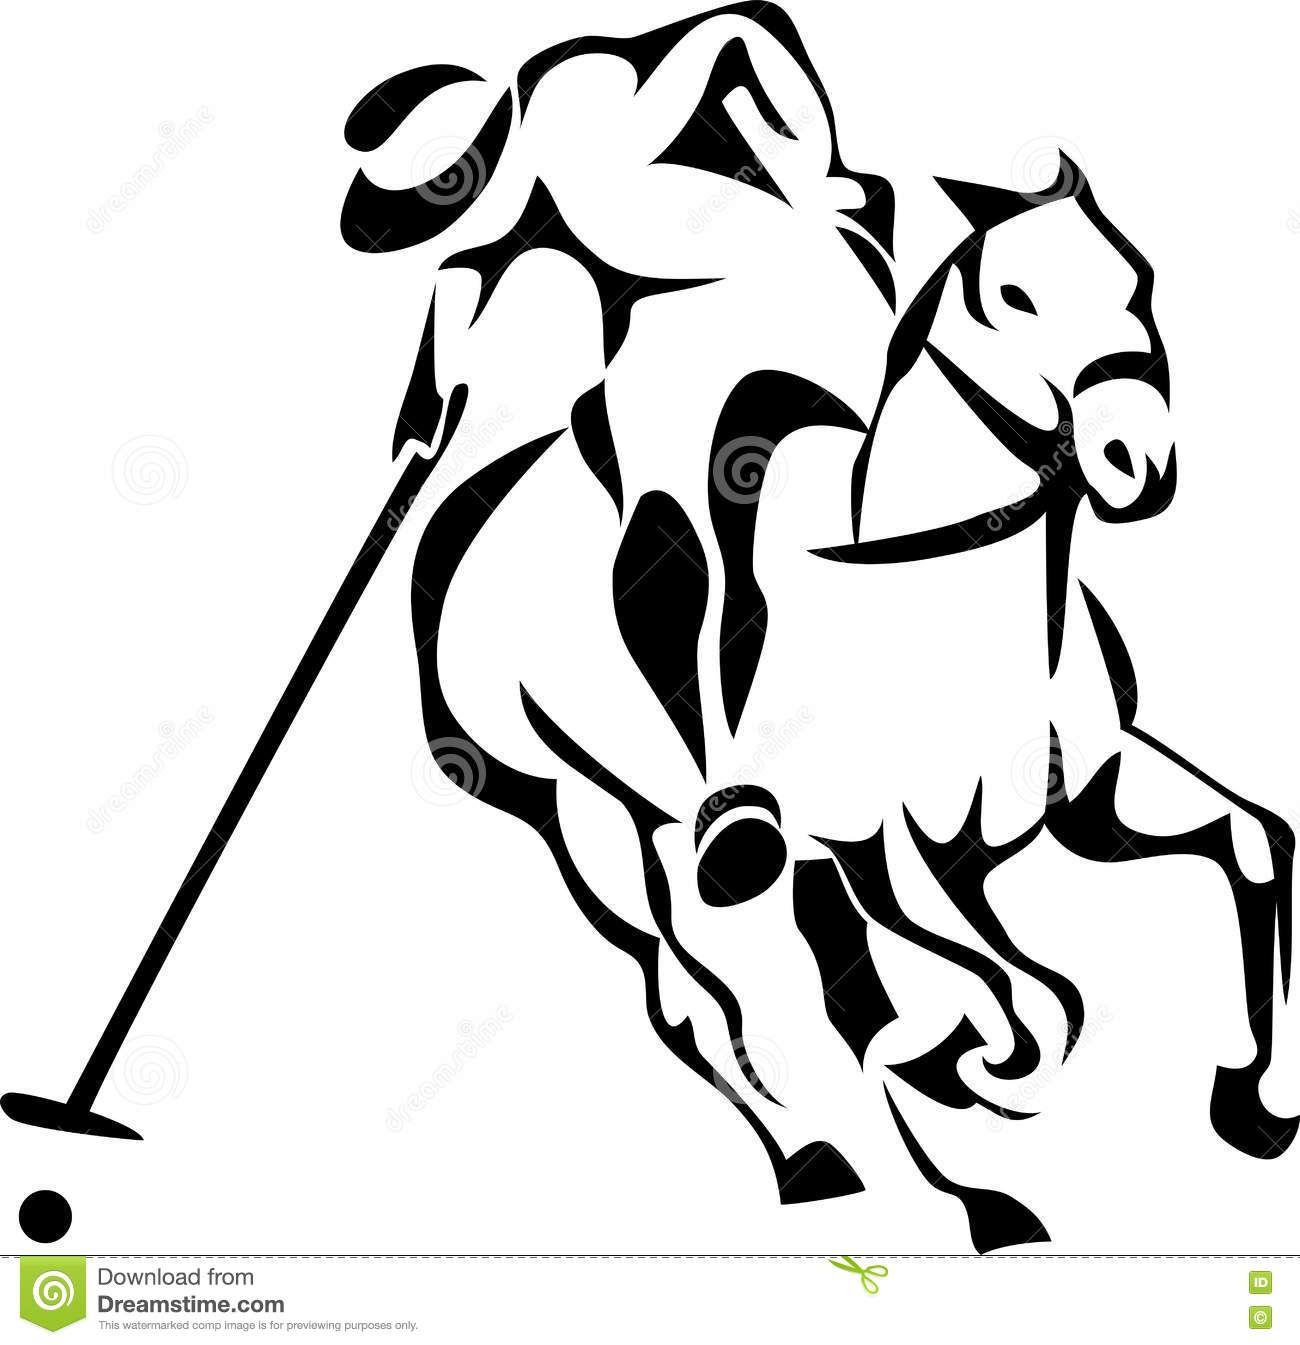 Download Horse Polo Player Cartoon Vector via